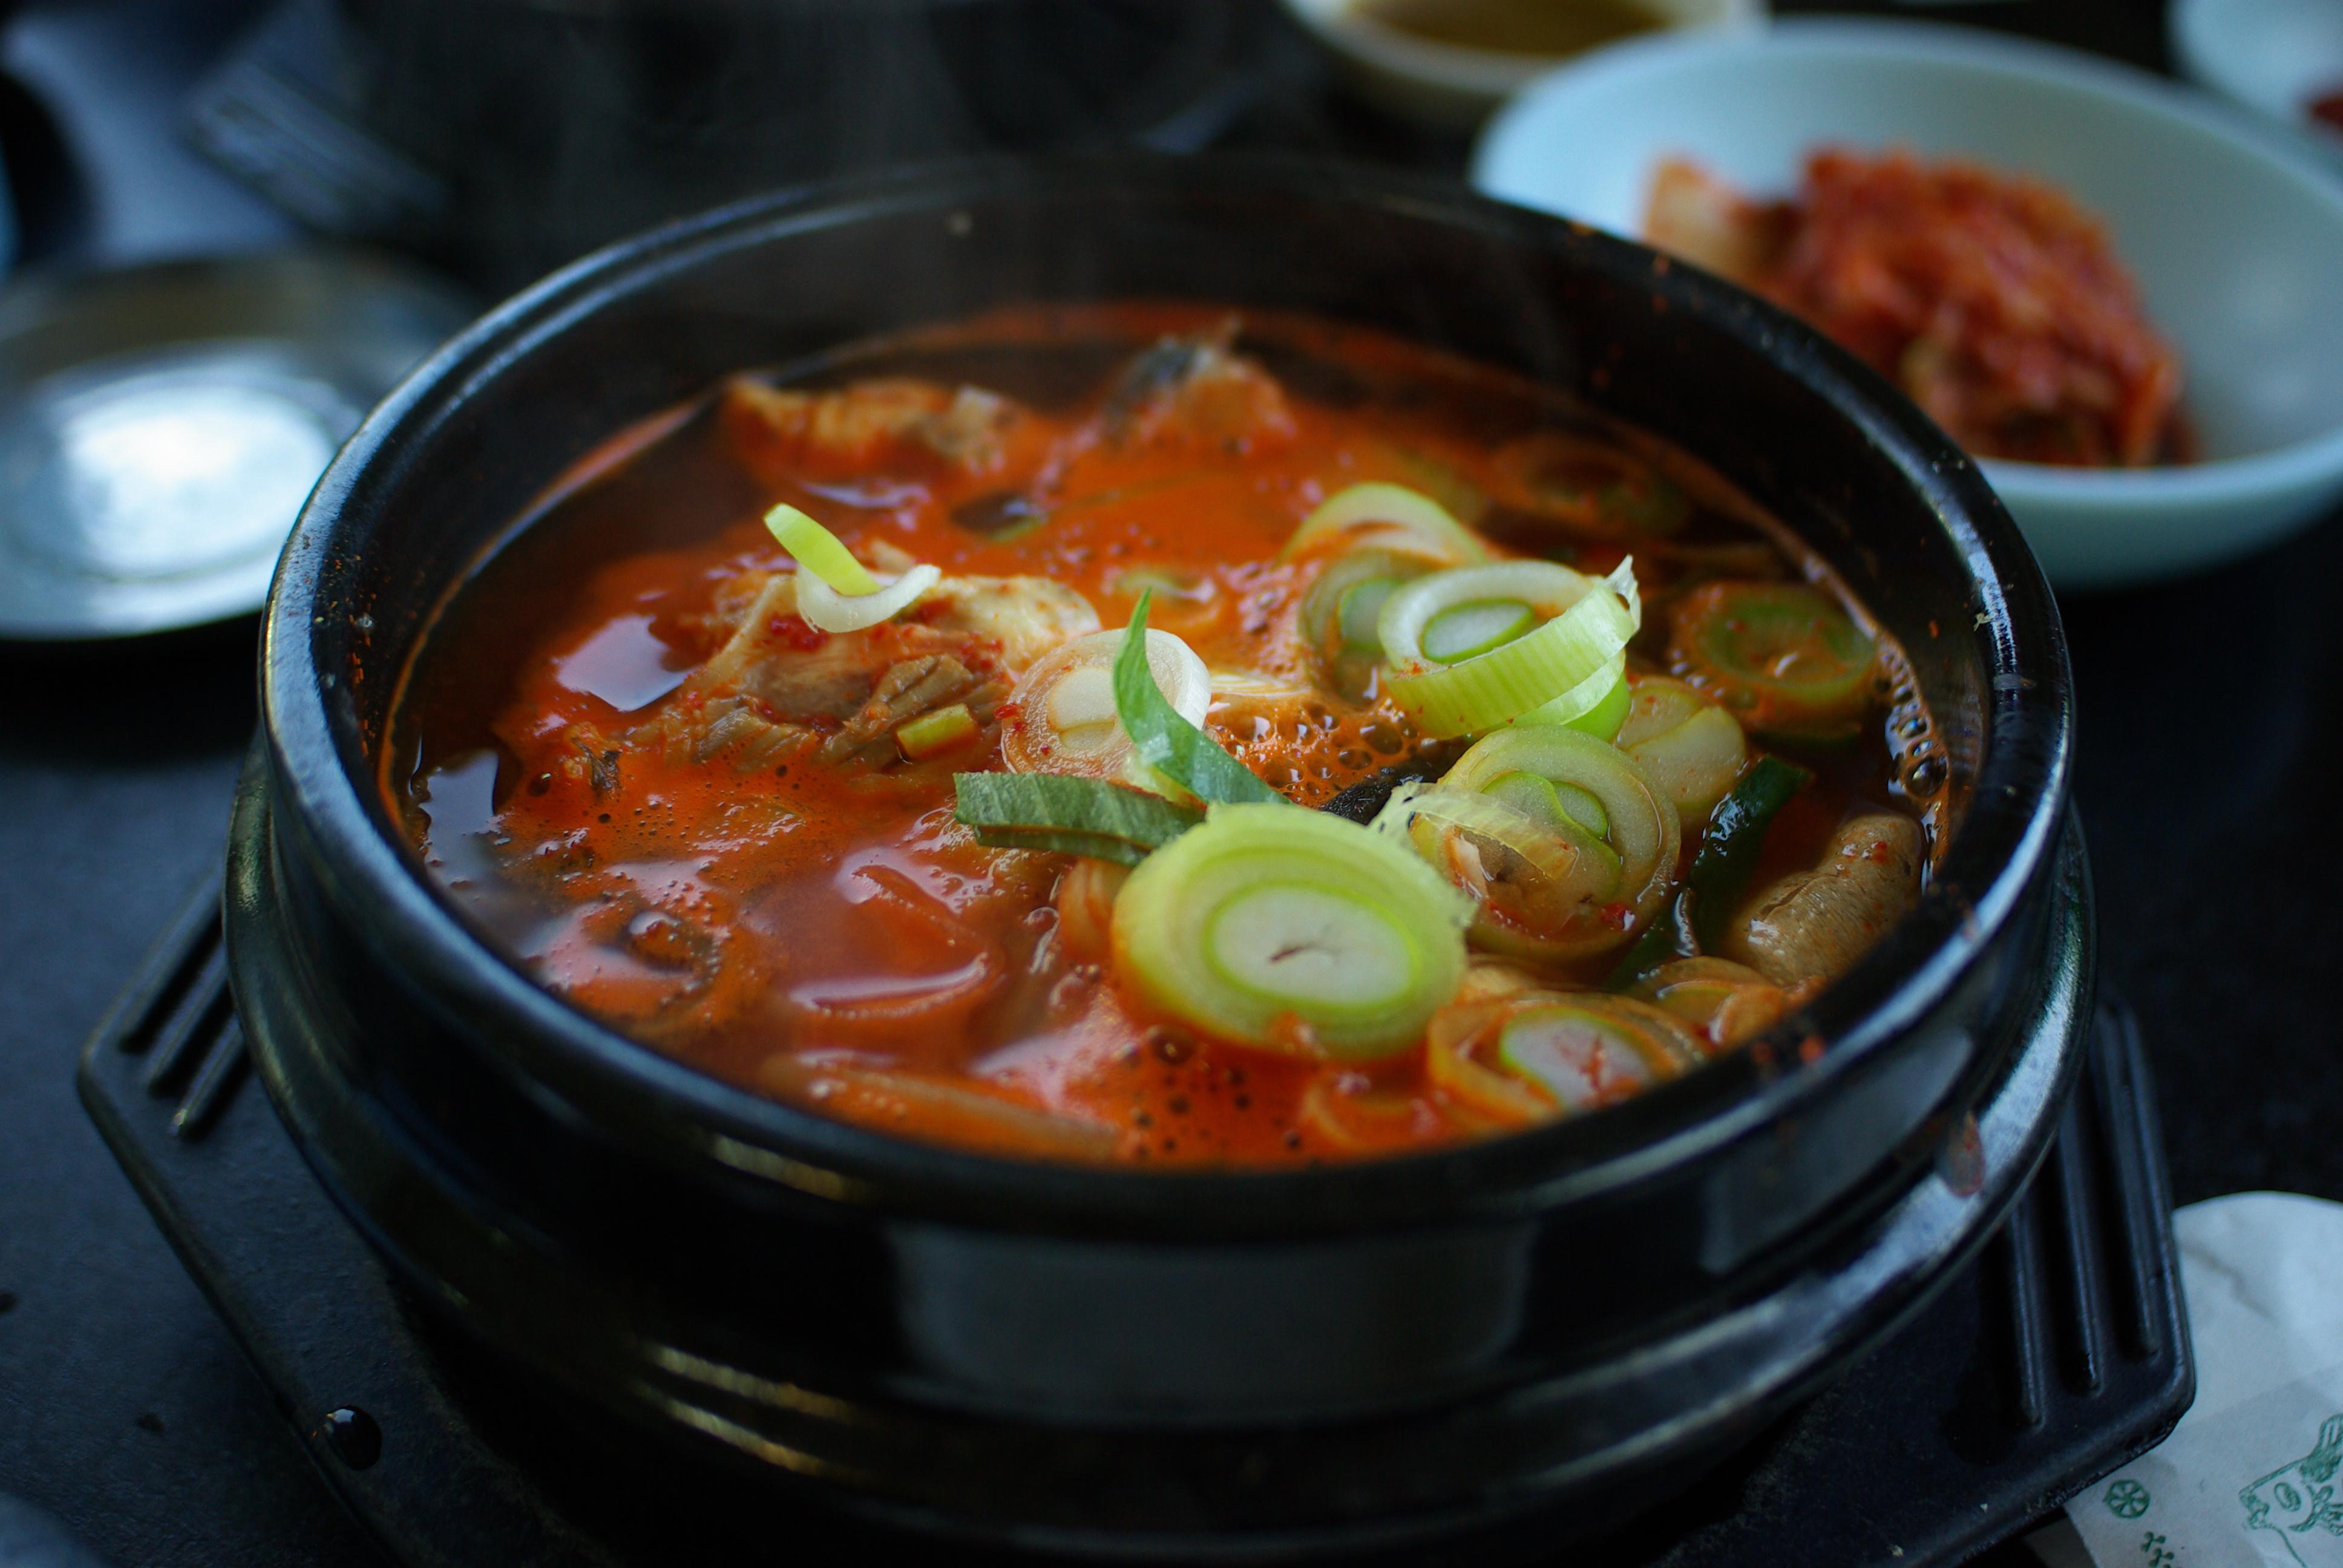 рыбный суп рецепты с фото корейский кухни отлично подходит